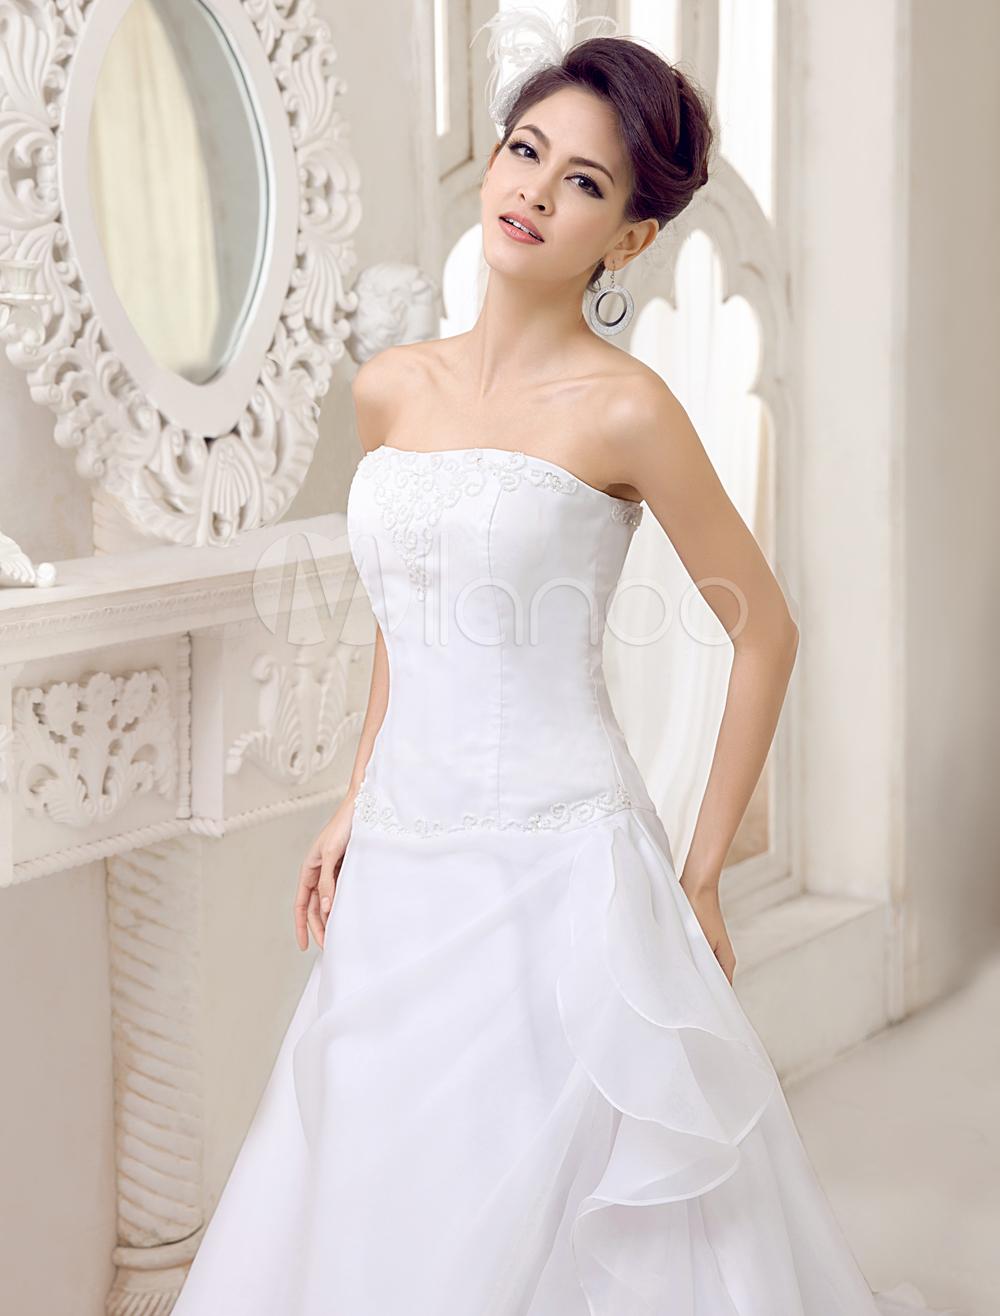 Robe de mariée gracieuse A-ligne en organza blanc avec perles à traîne